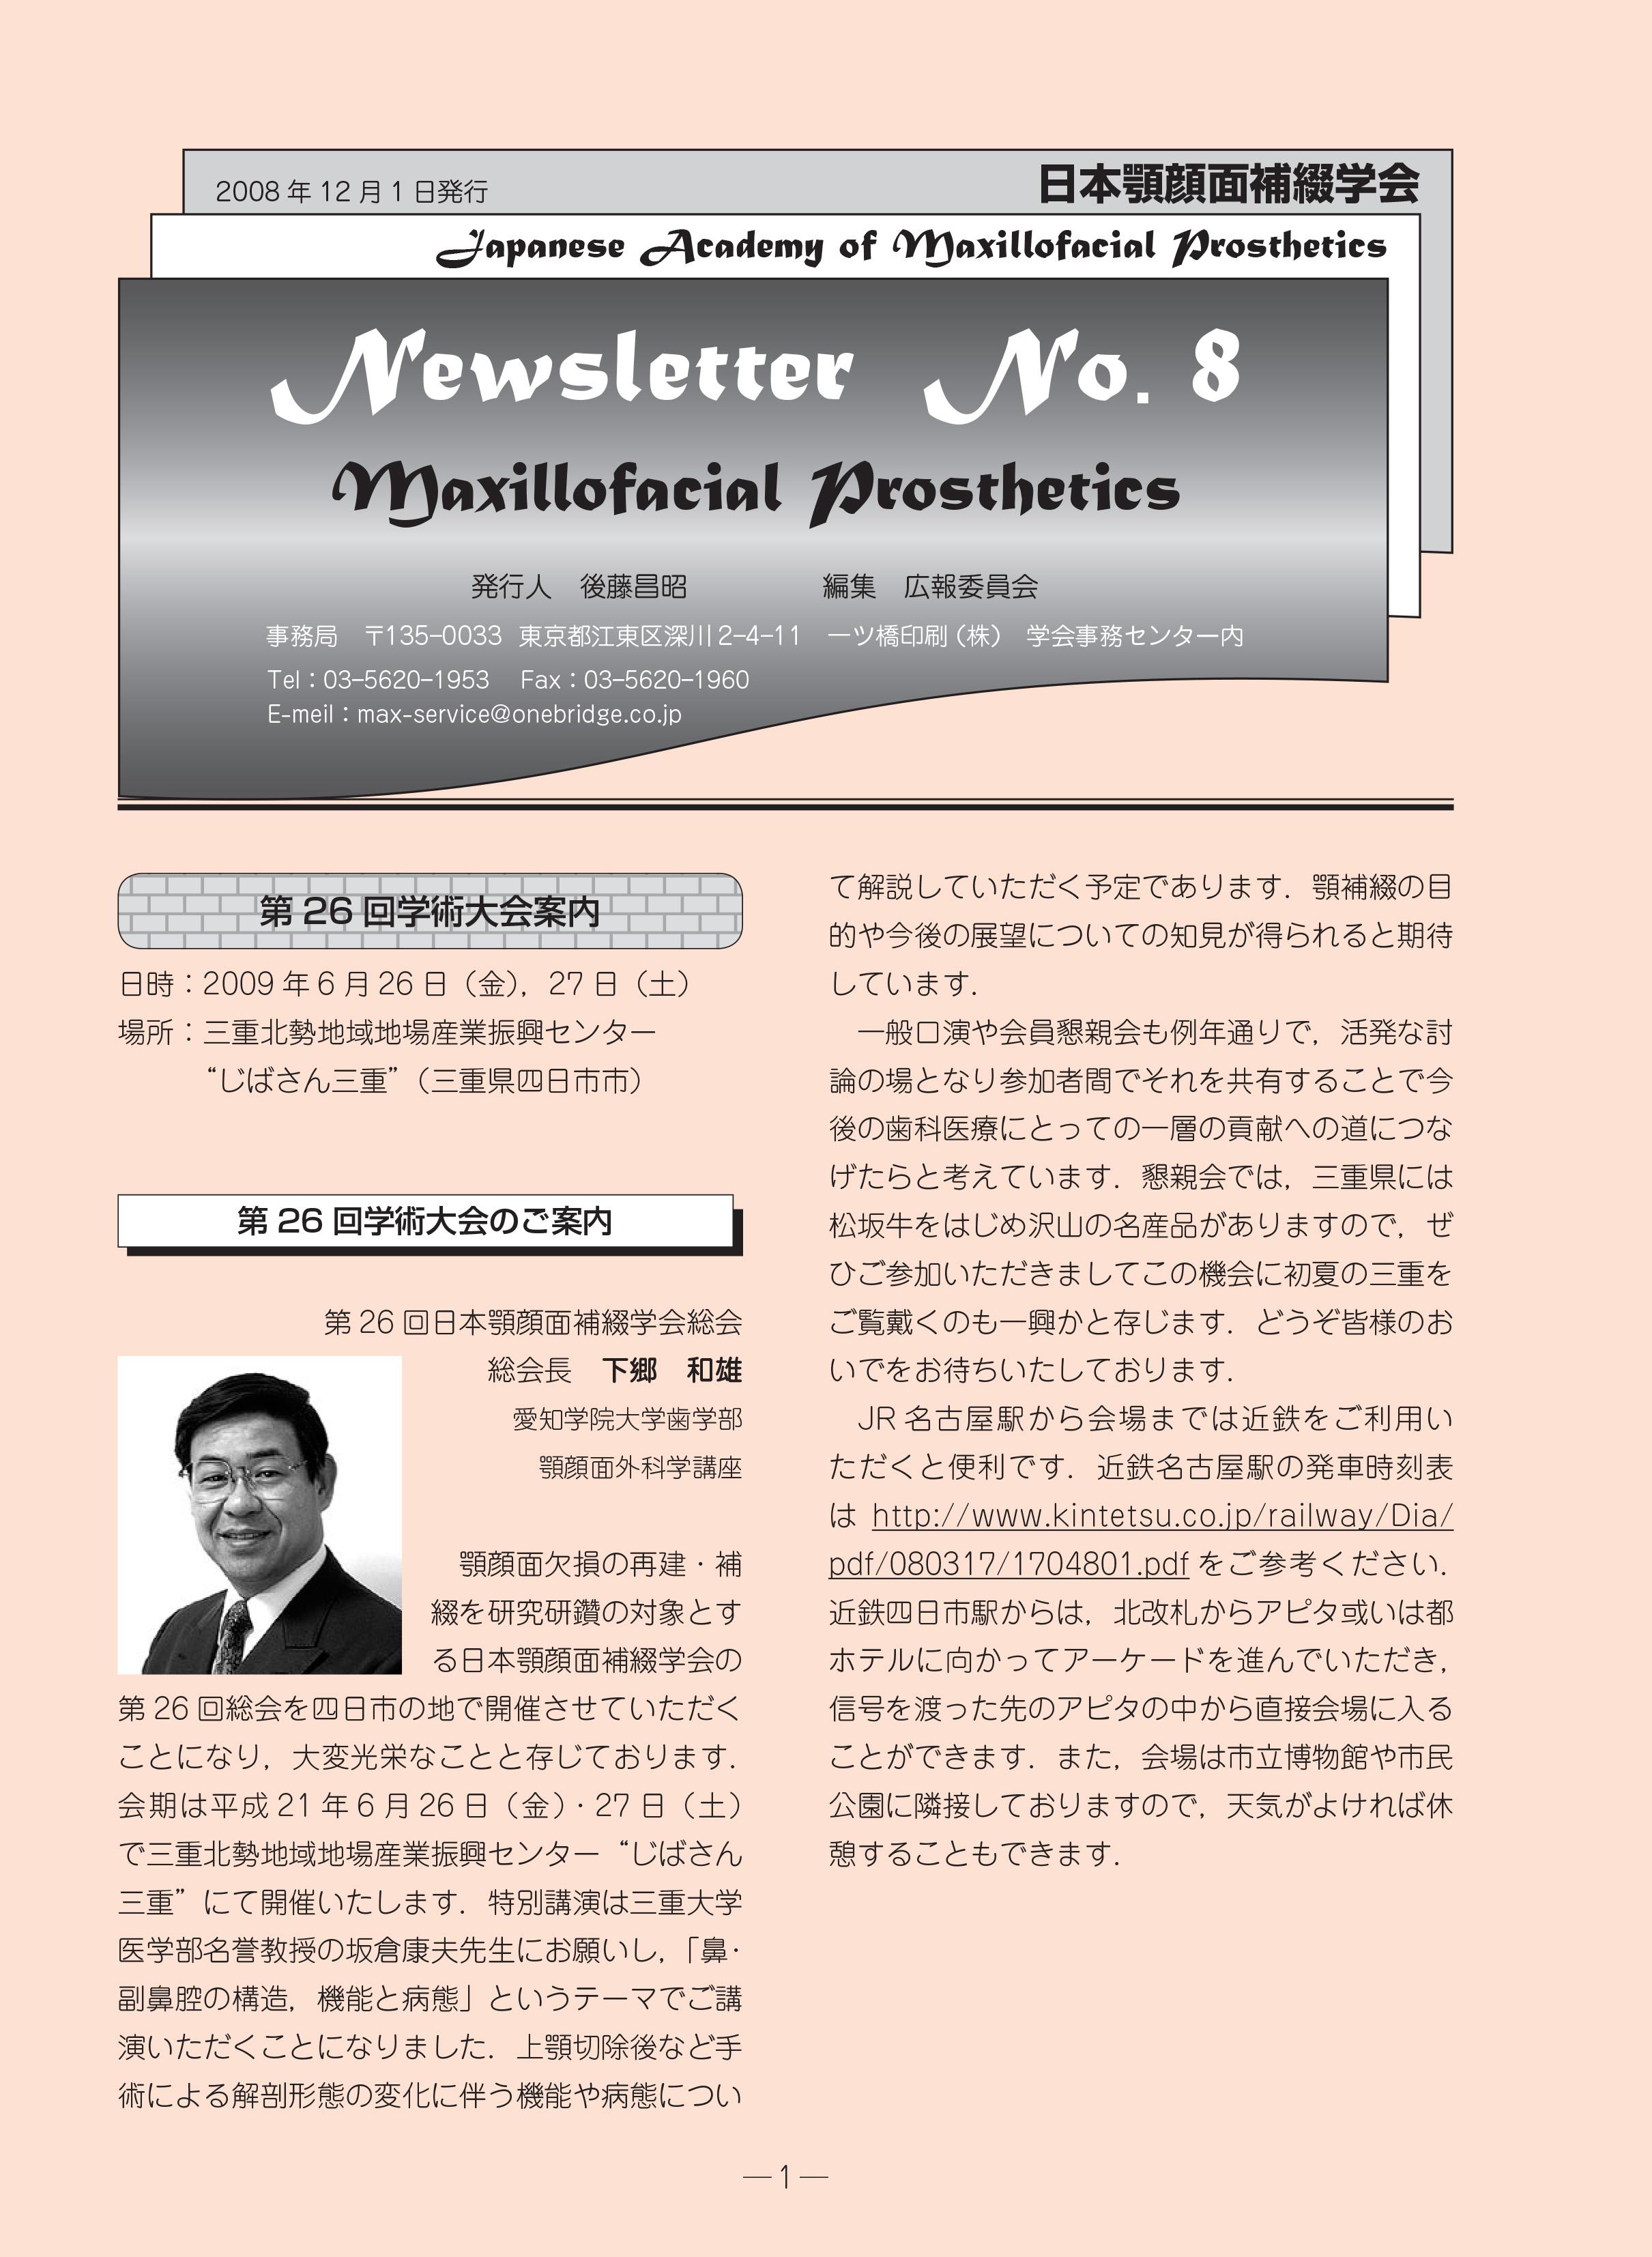 ニュースレター No.8